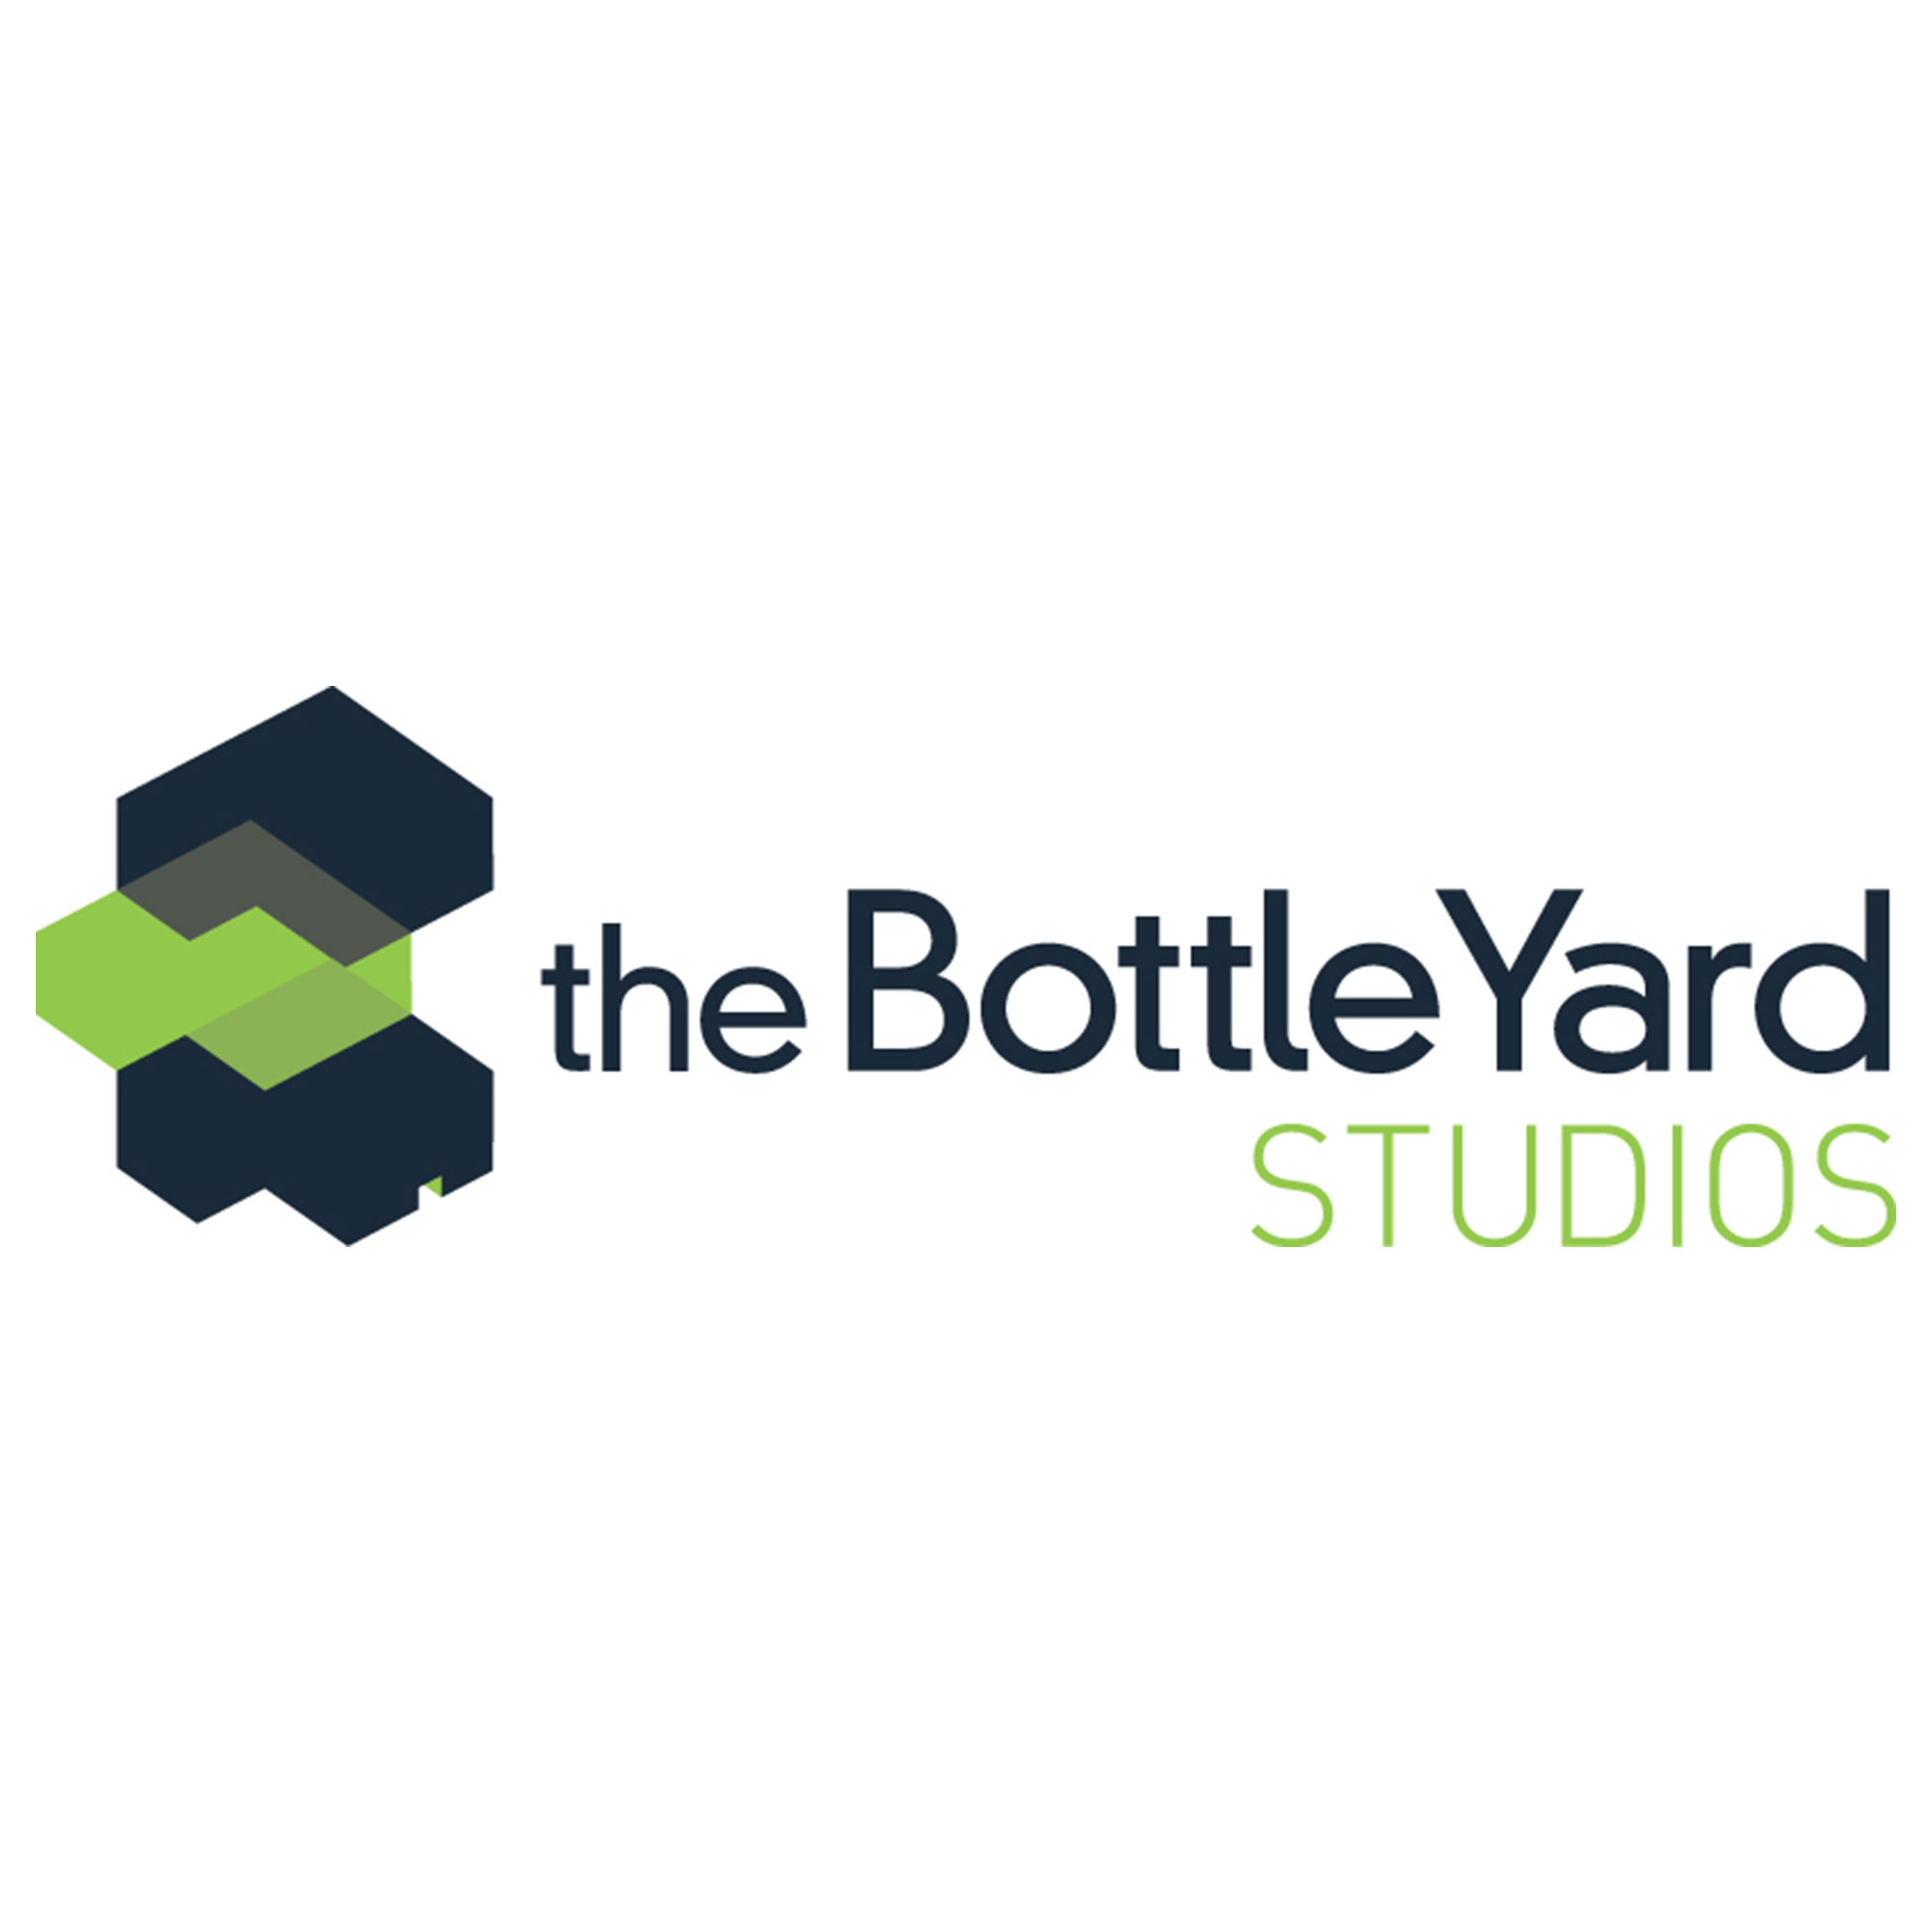 The Bottle Yard Studios